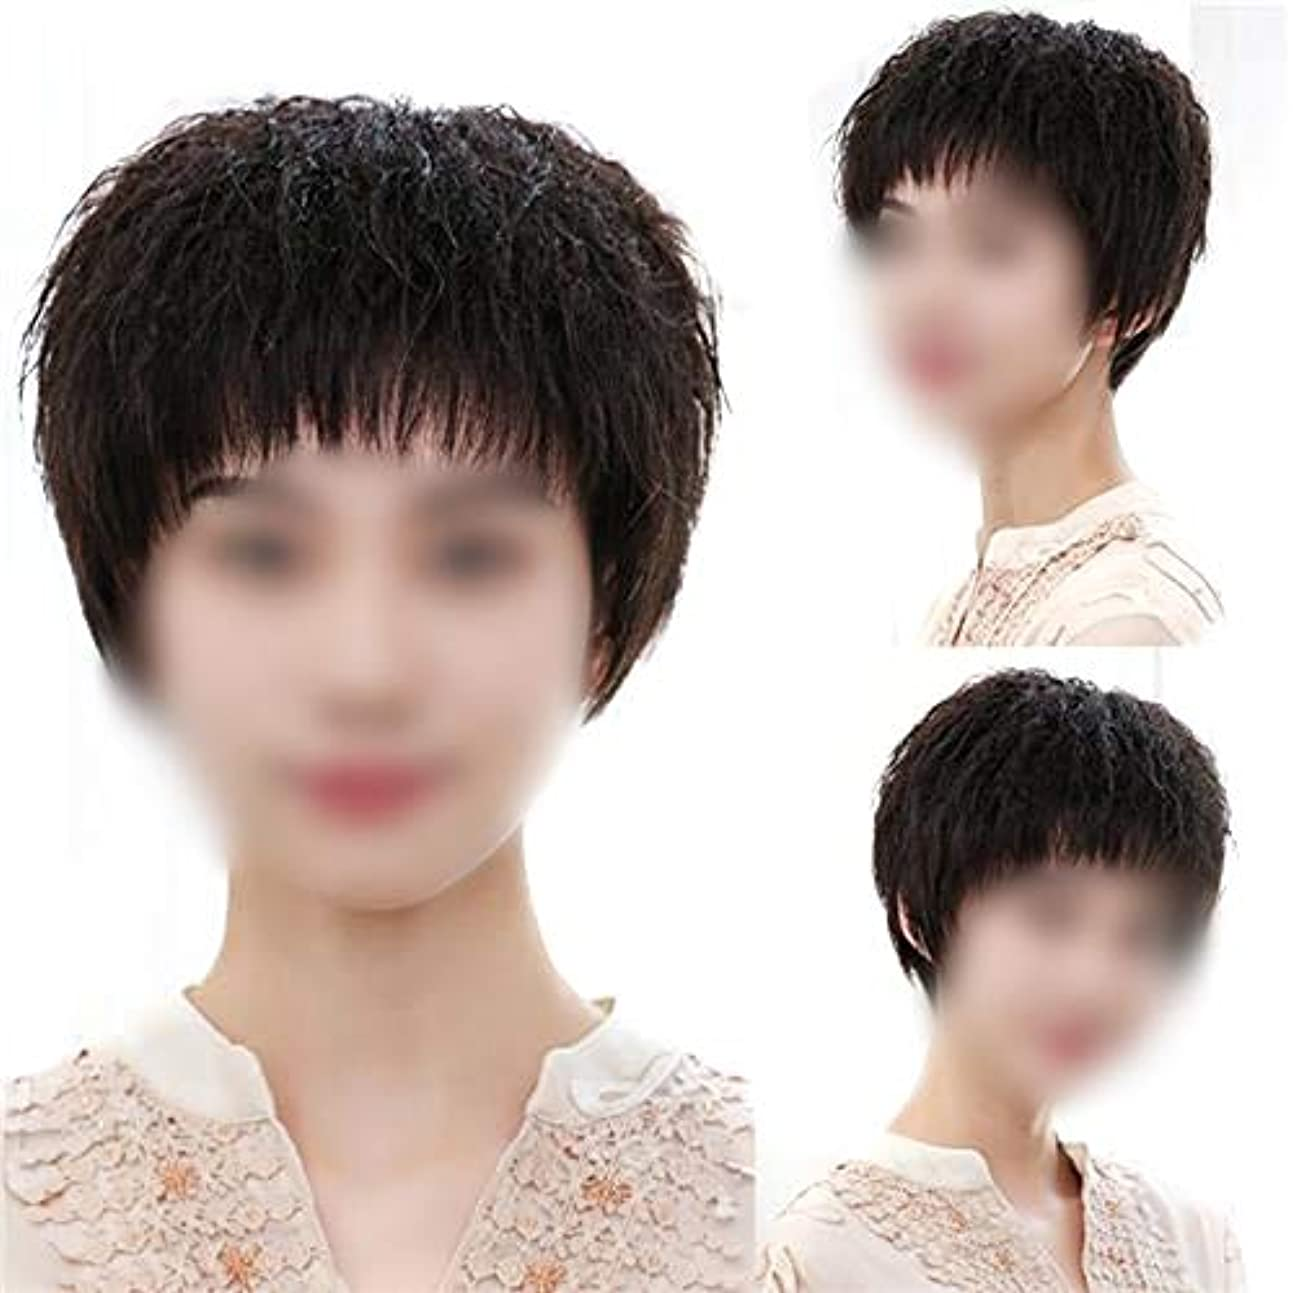 キャンバスいじめっ子内向きYOUQIU フル手織り実髪コーンホットショートカーリーヘアウィッグ女性のために現実的なナチュラルウィッグ (色 : Natural black)